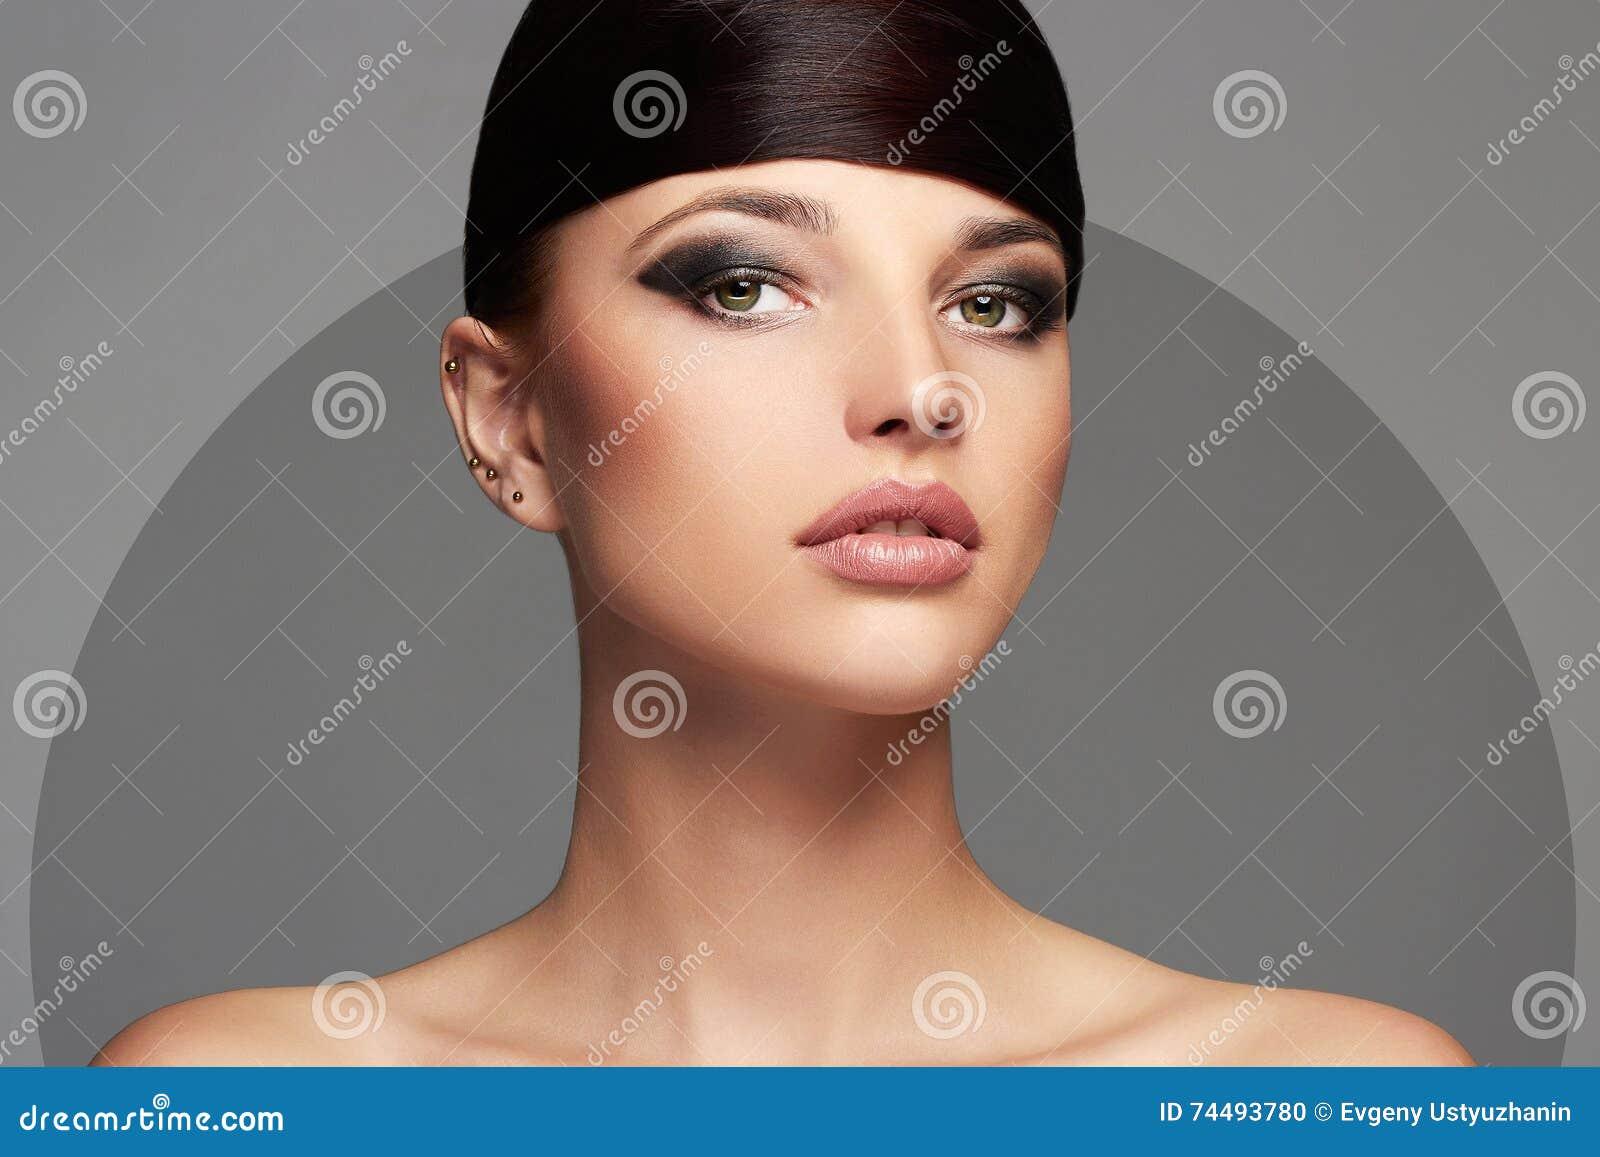 Art Und Weiseschönes Mädchen Frisur Junge Schönheitsfrau Stockfoto